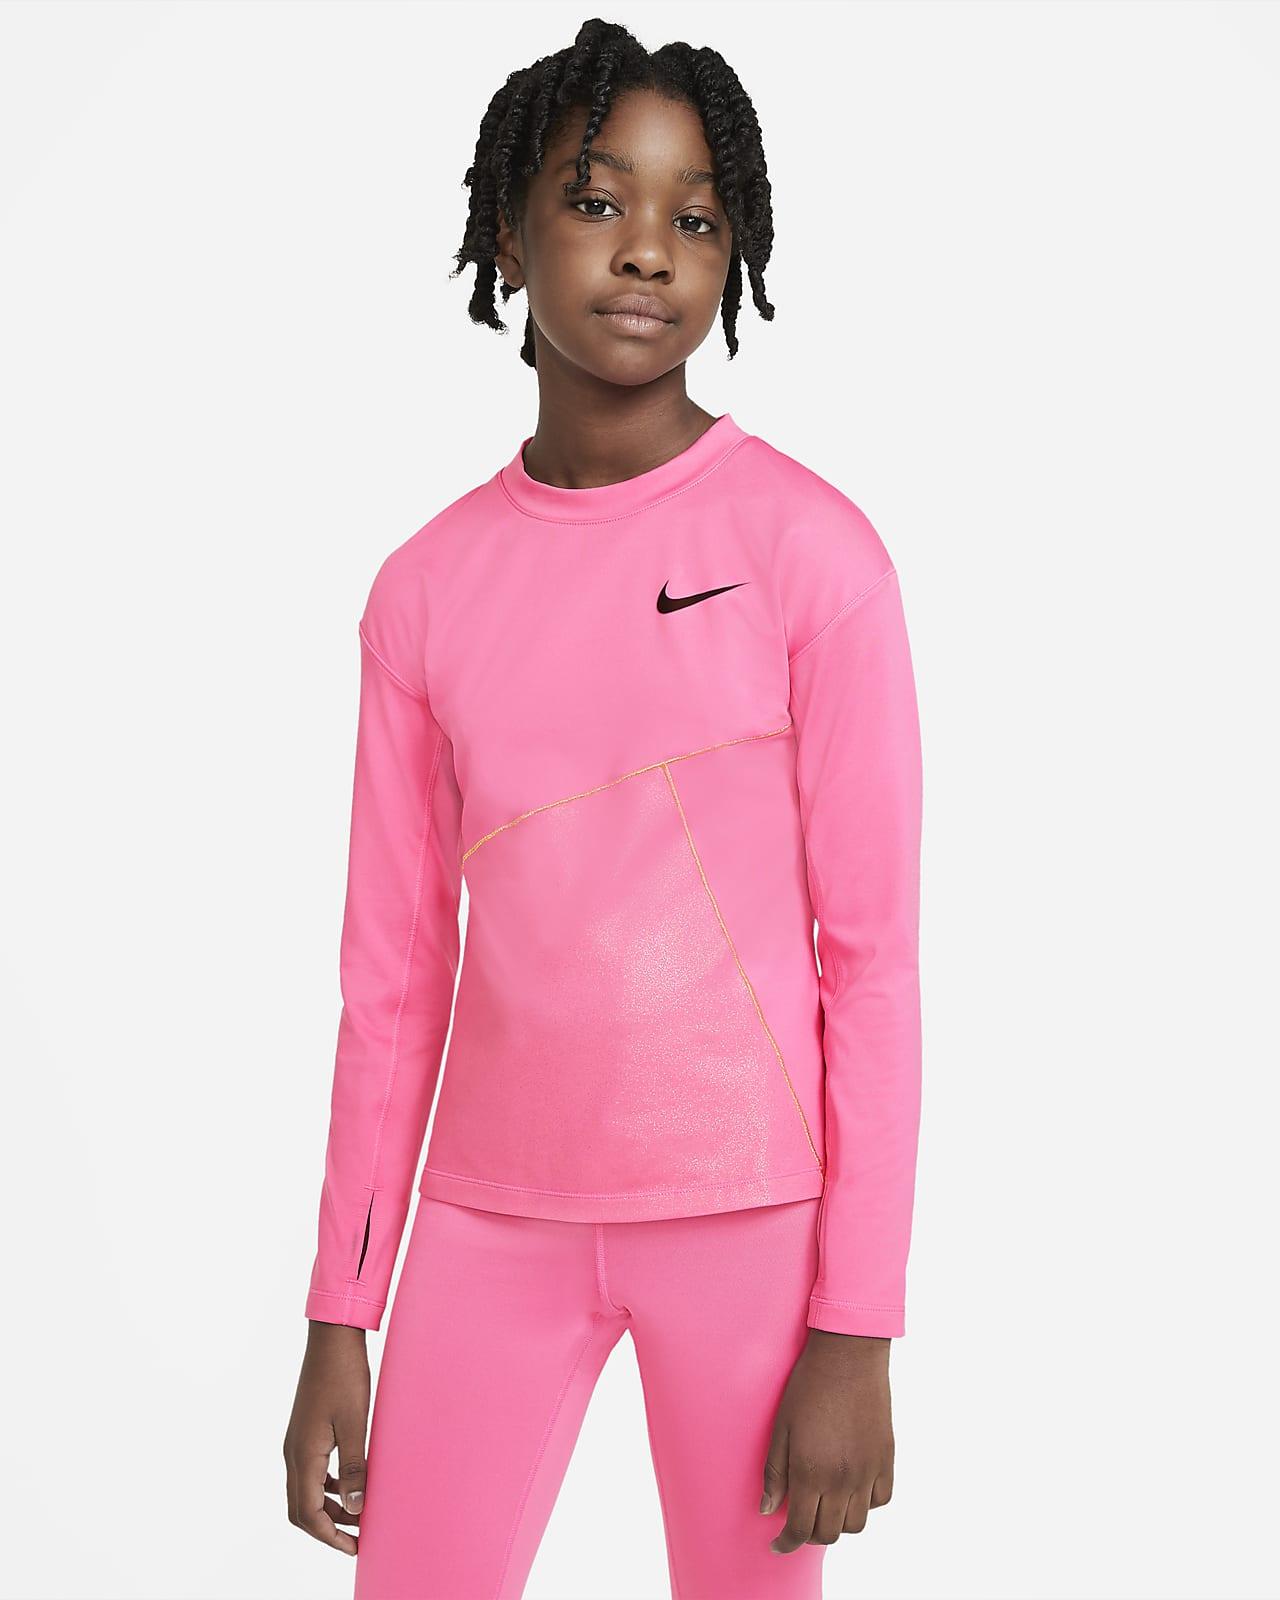 Nike Pro Warm Older Kids' (Girls') Training Top